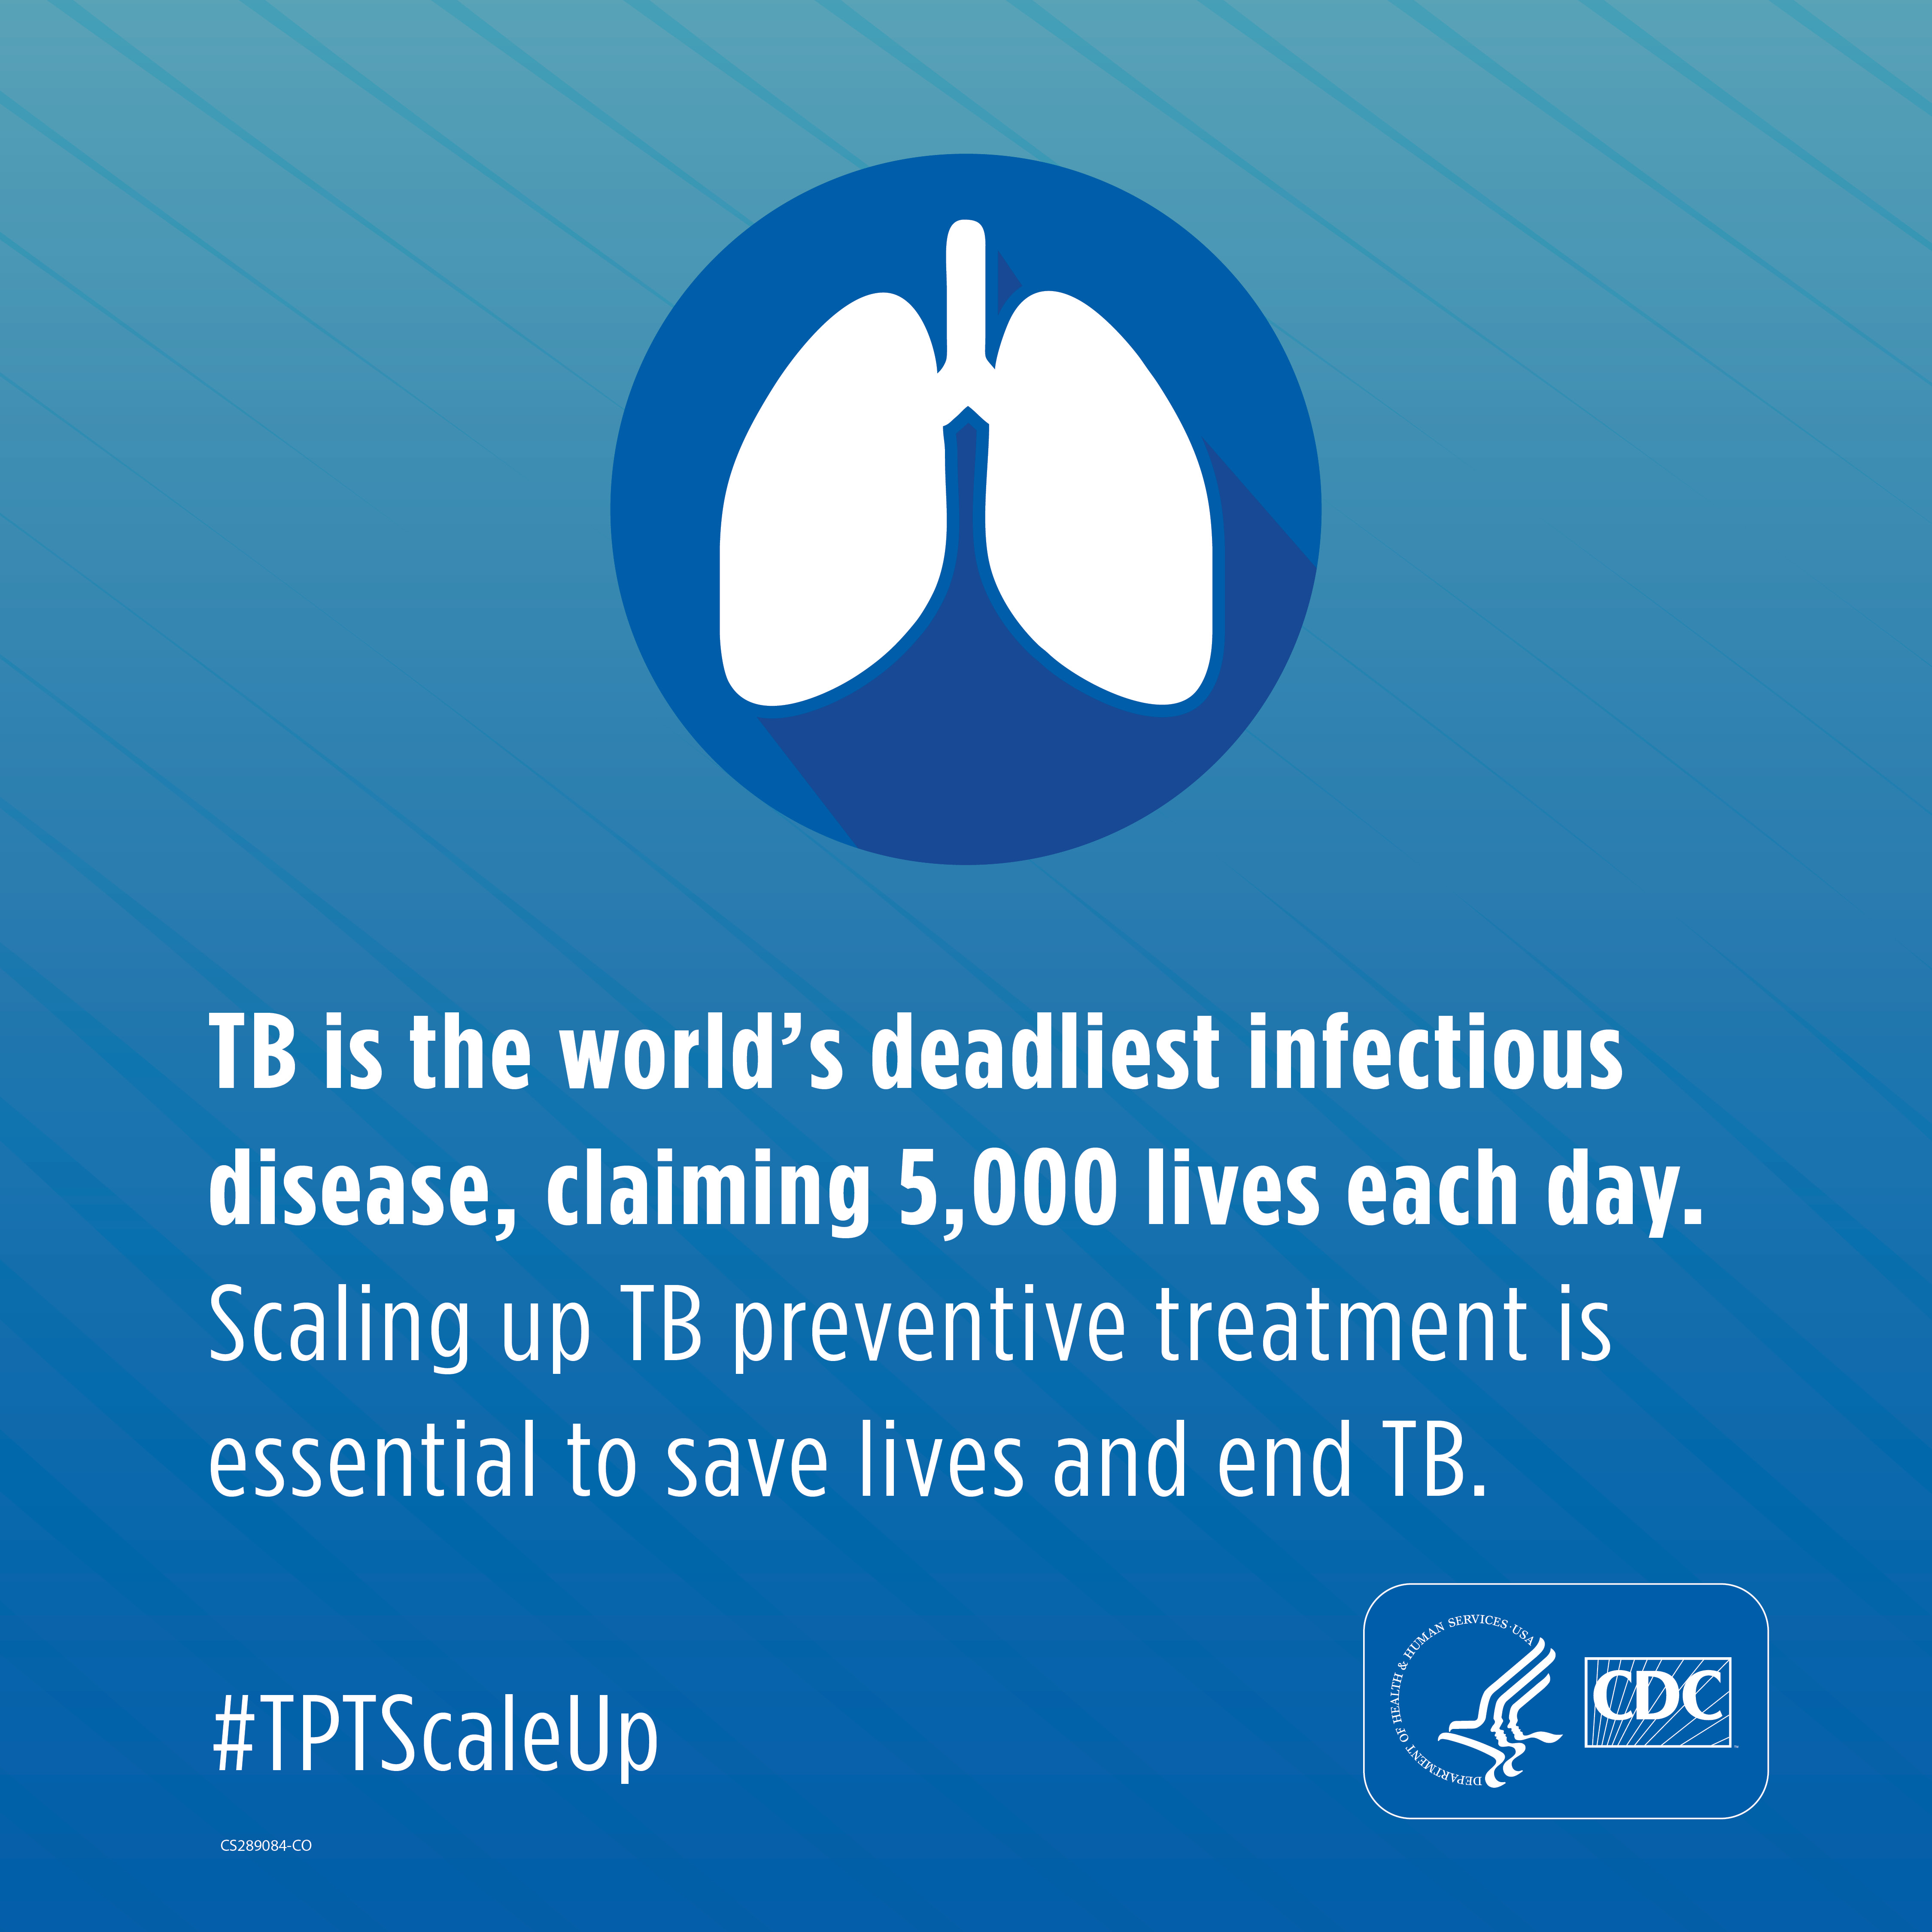 Global Tuberculosis (TB) Social Media Toolkit